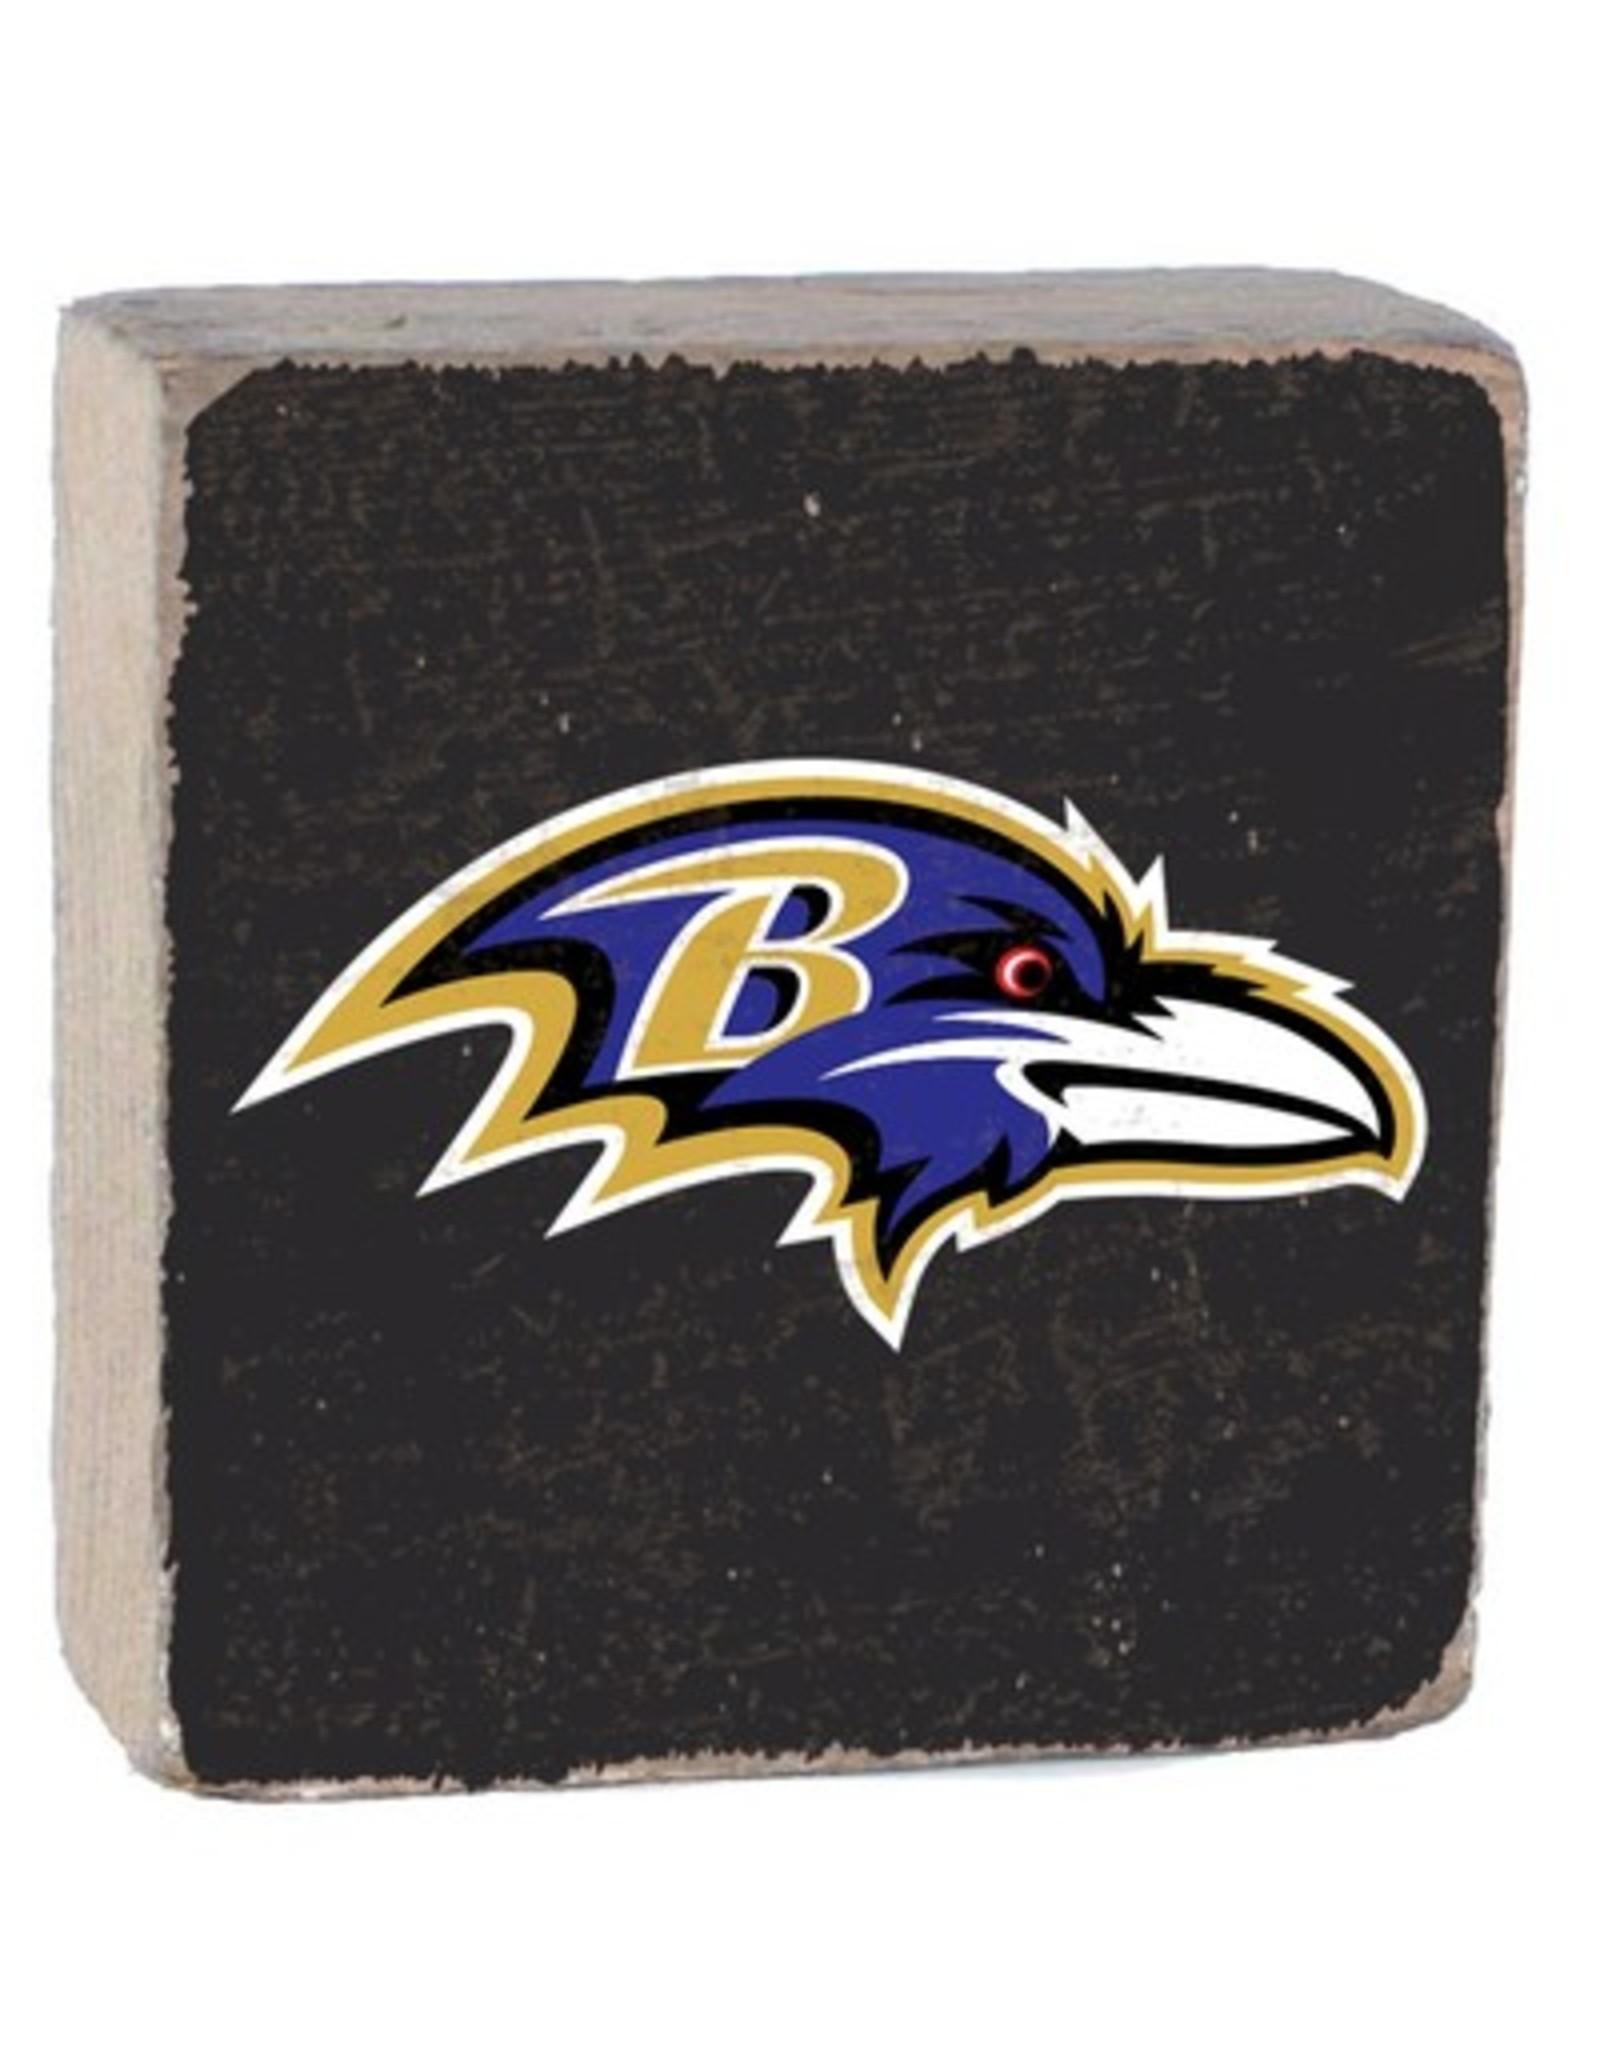 RUSTIC MARLIN Baltimore Ravens Rustic Wood Team Block